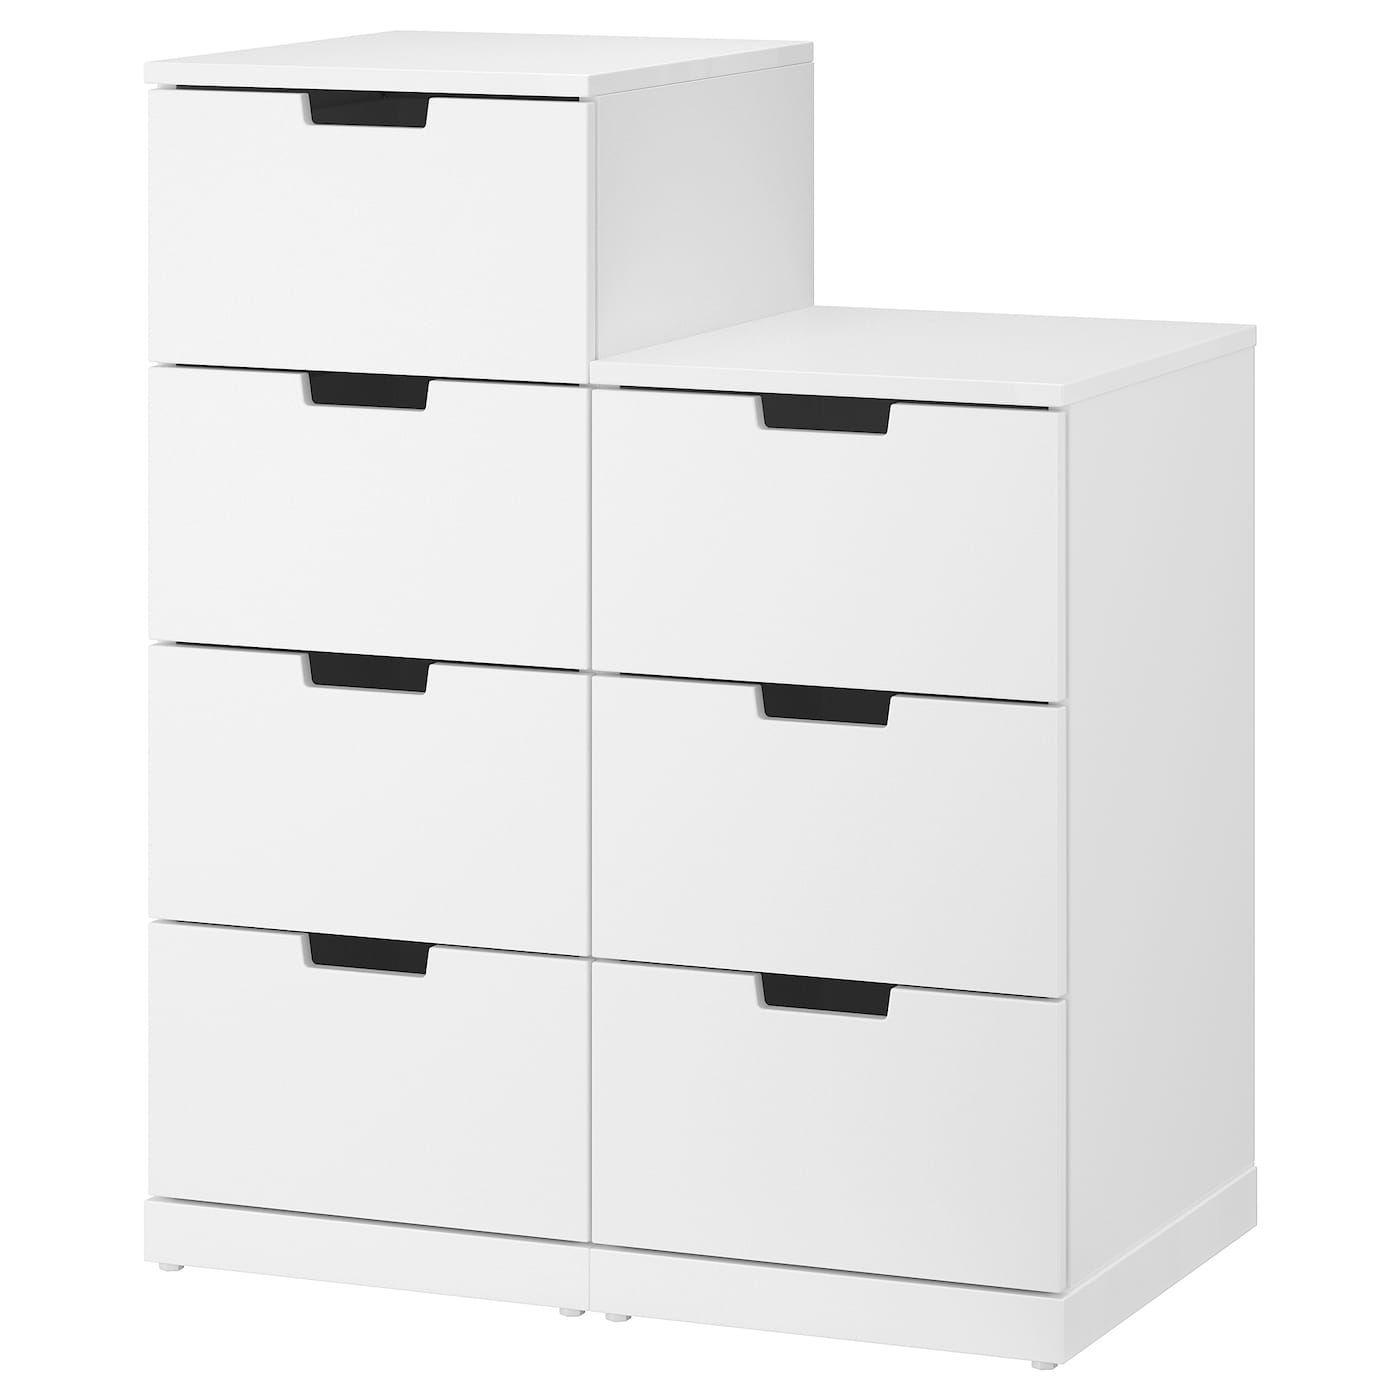 Ikea Nordli Kommode 6 Schubladen